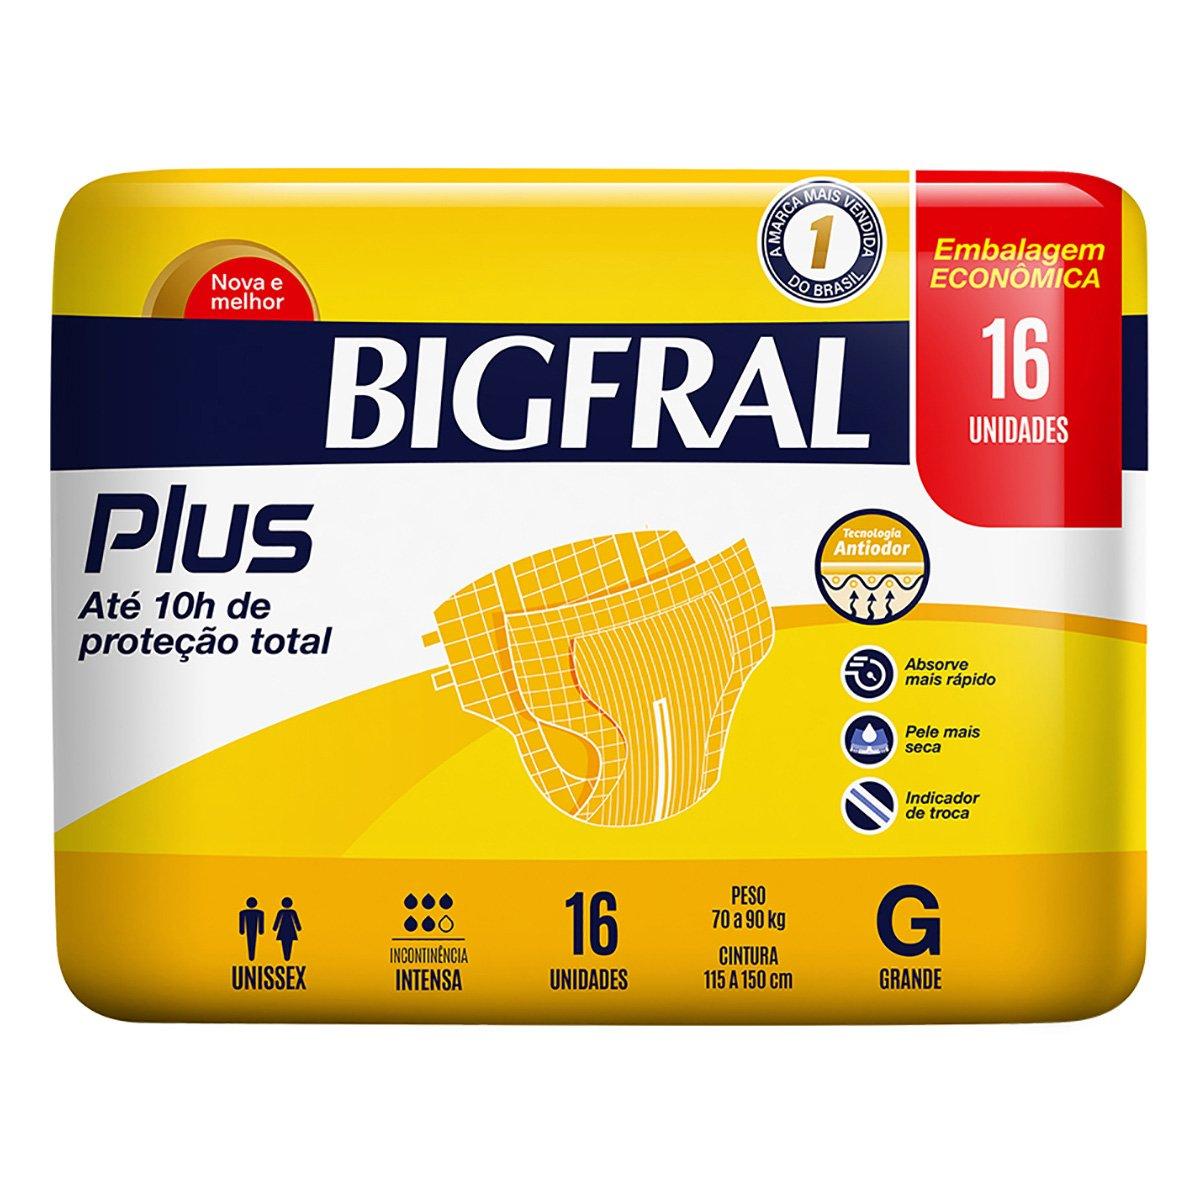 Fralda Geriátrica Bigfral Plus G 16 Unidades